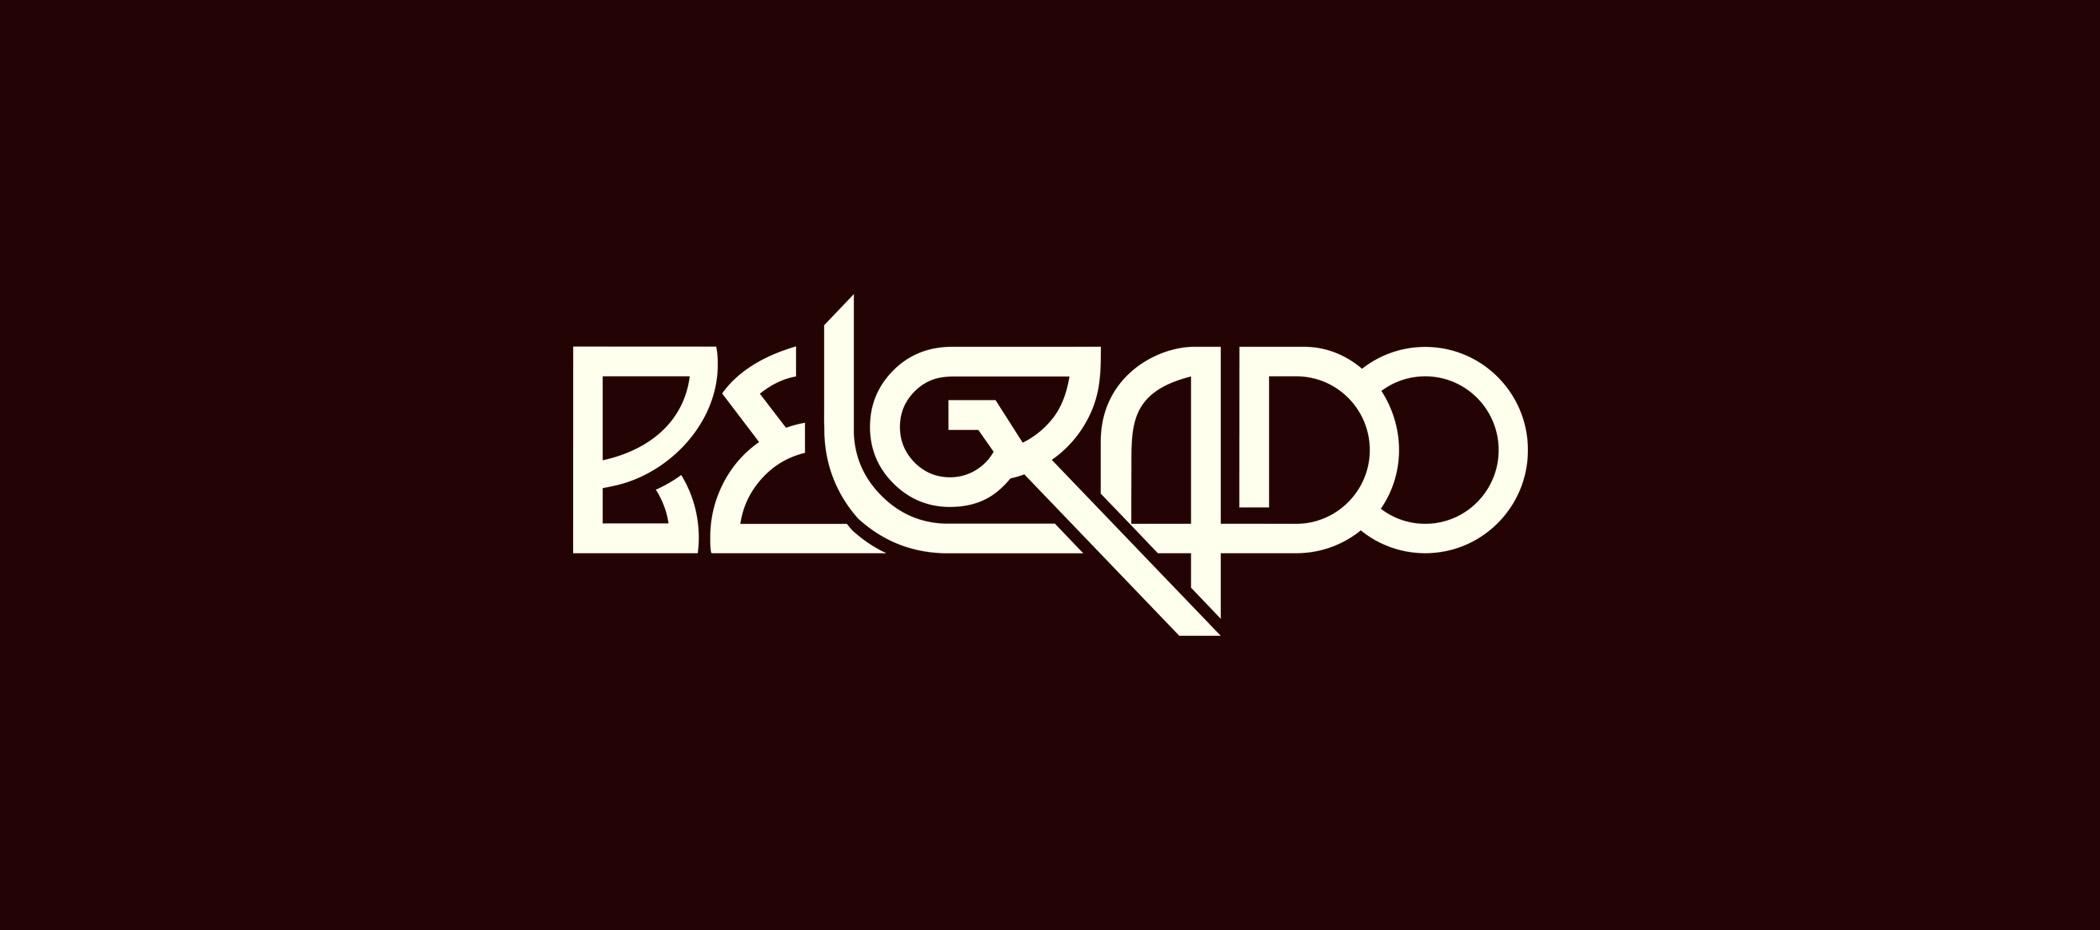 diseño logotipo - Beusual - diseño grafico santander belgrado banda